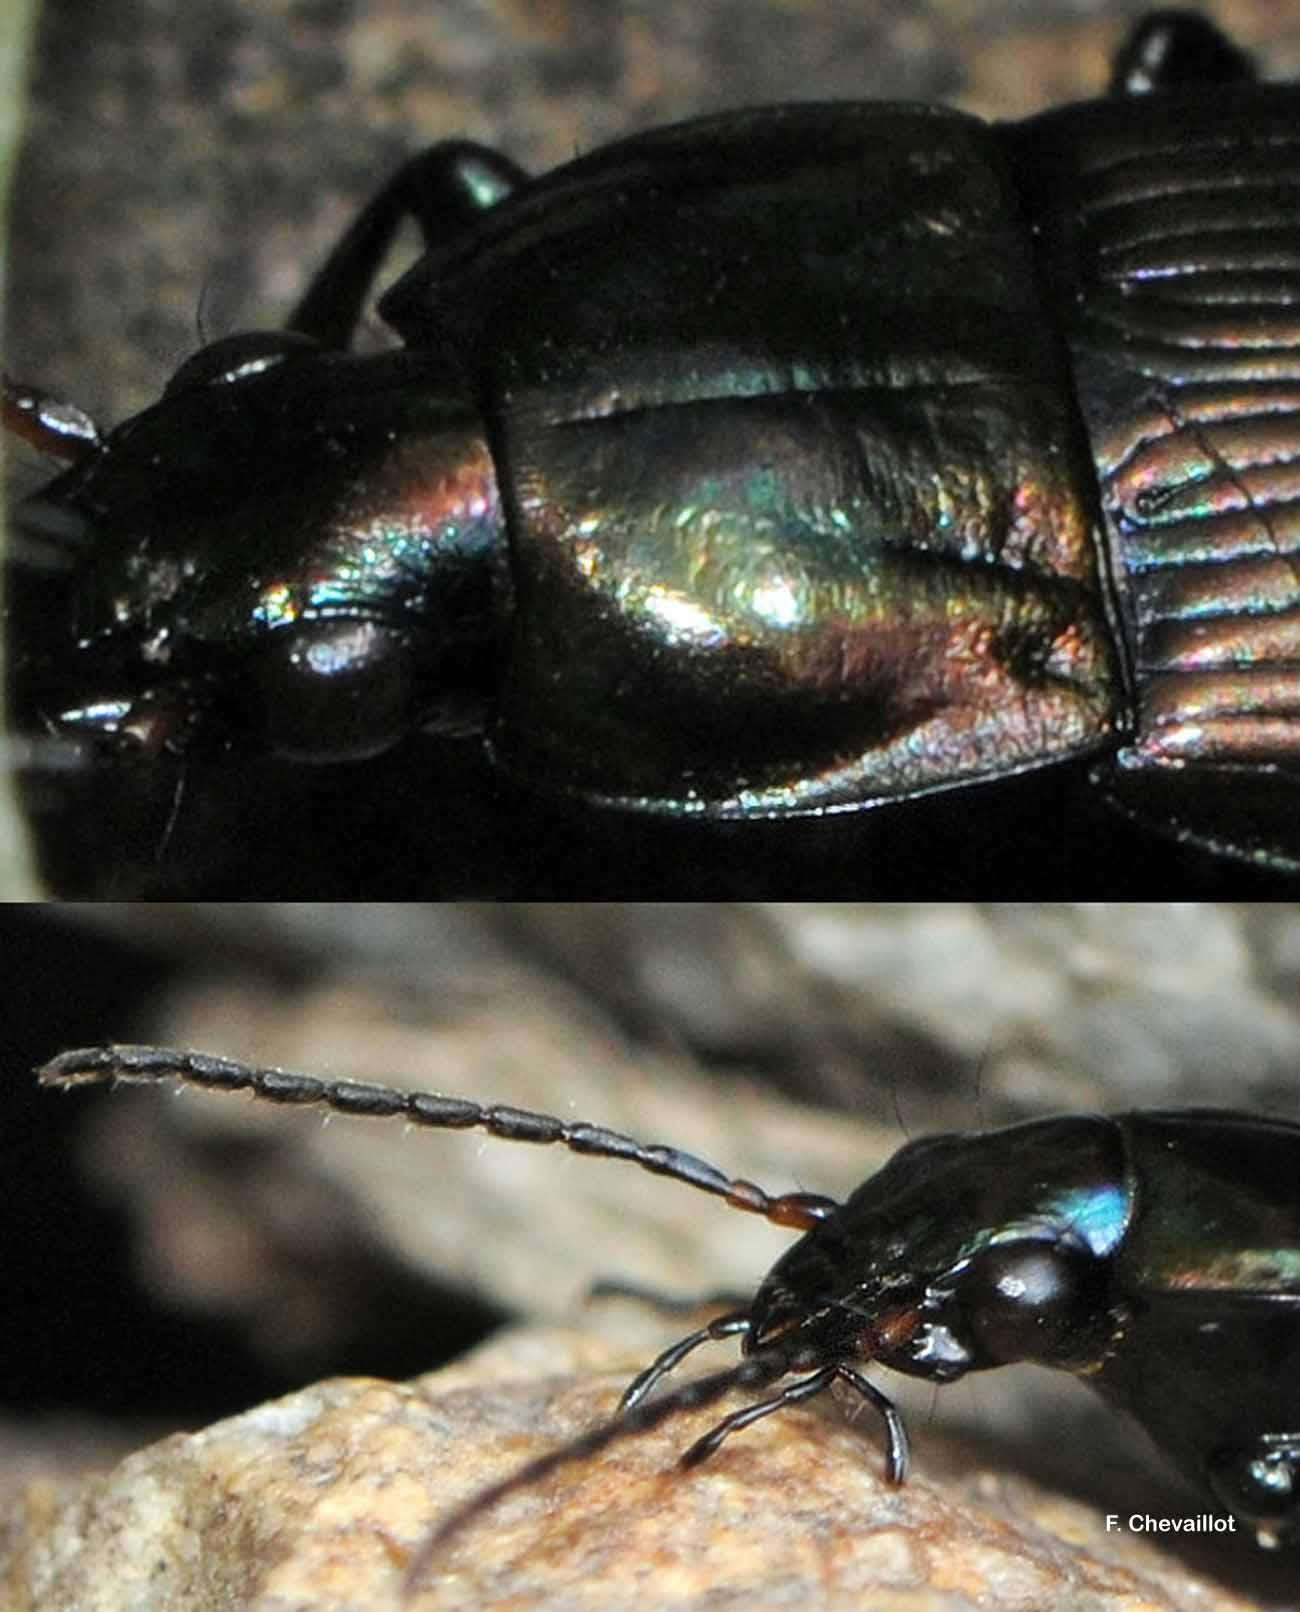 Poecilus versicolor